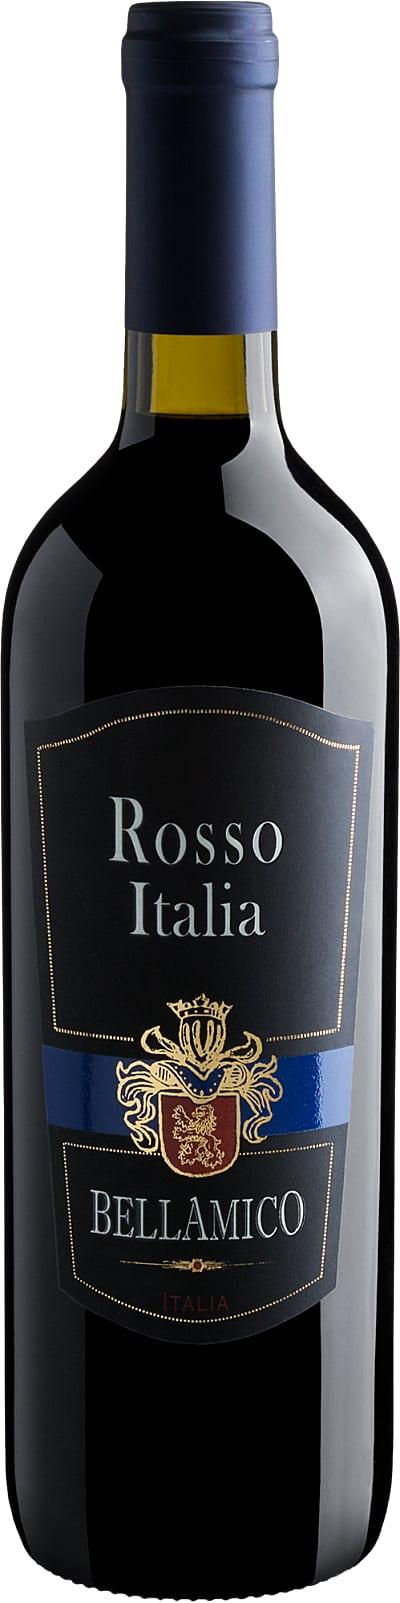 Bellamico Vino Rosso